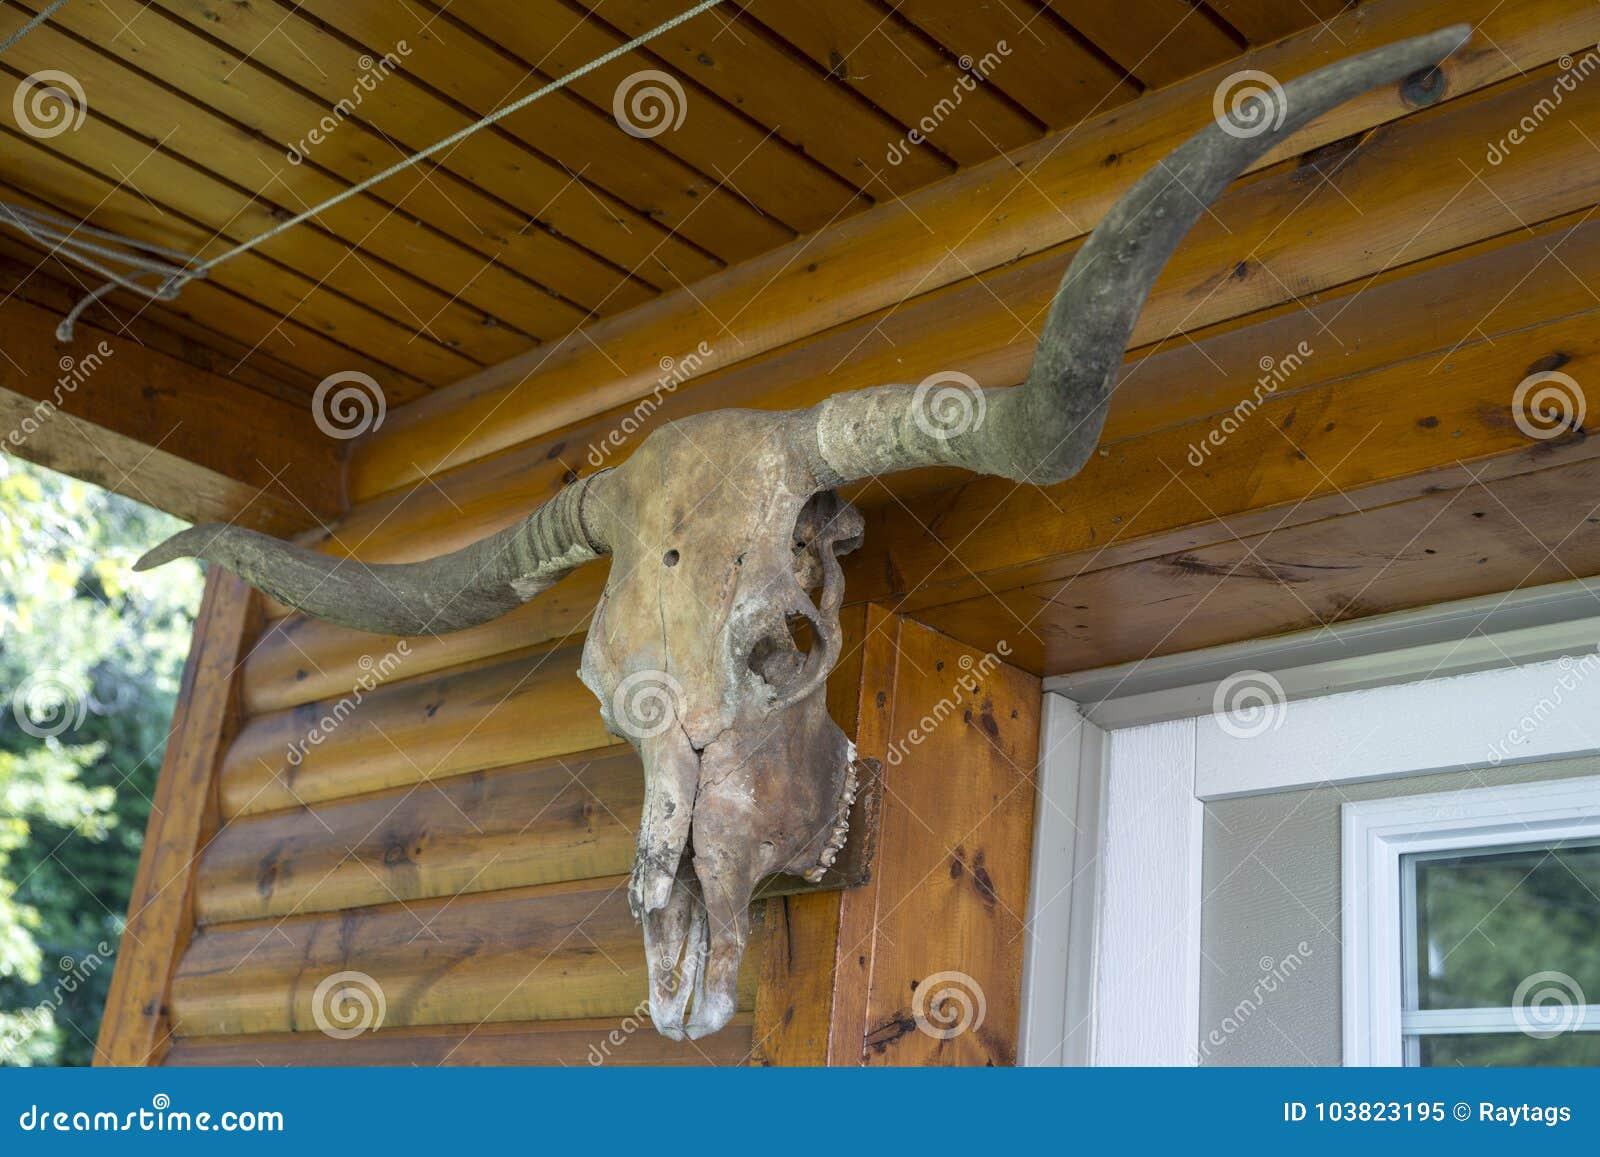 Djur skalle - jakttrofé